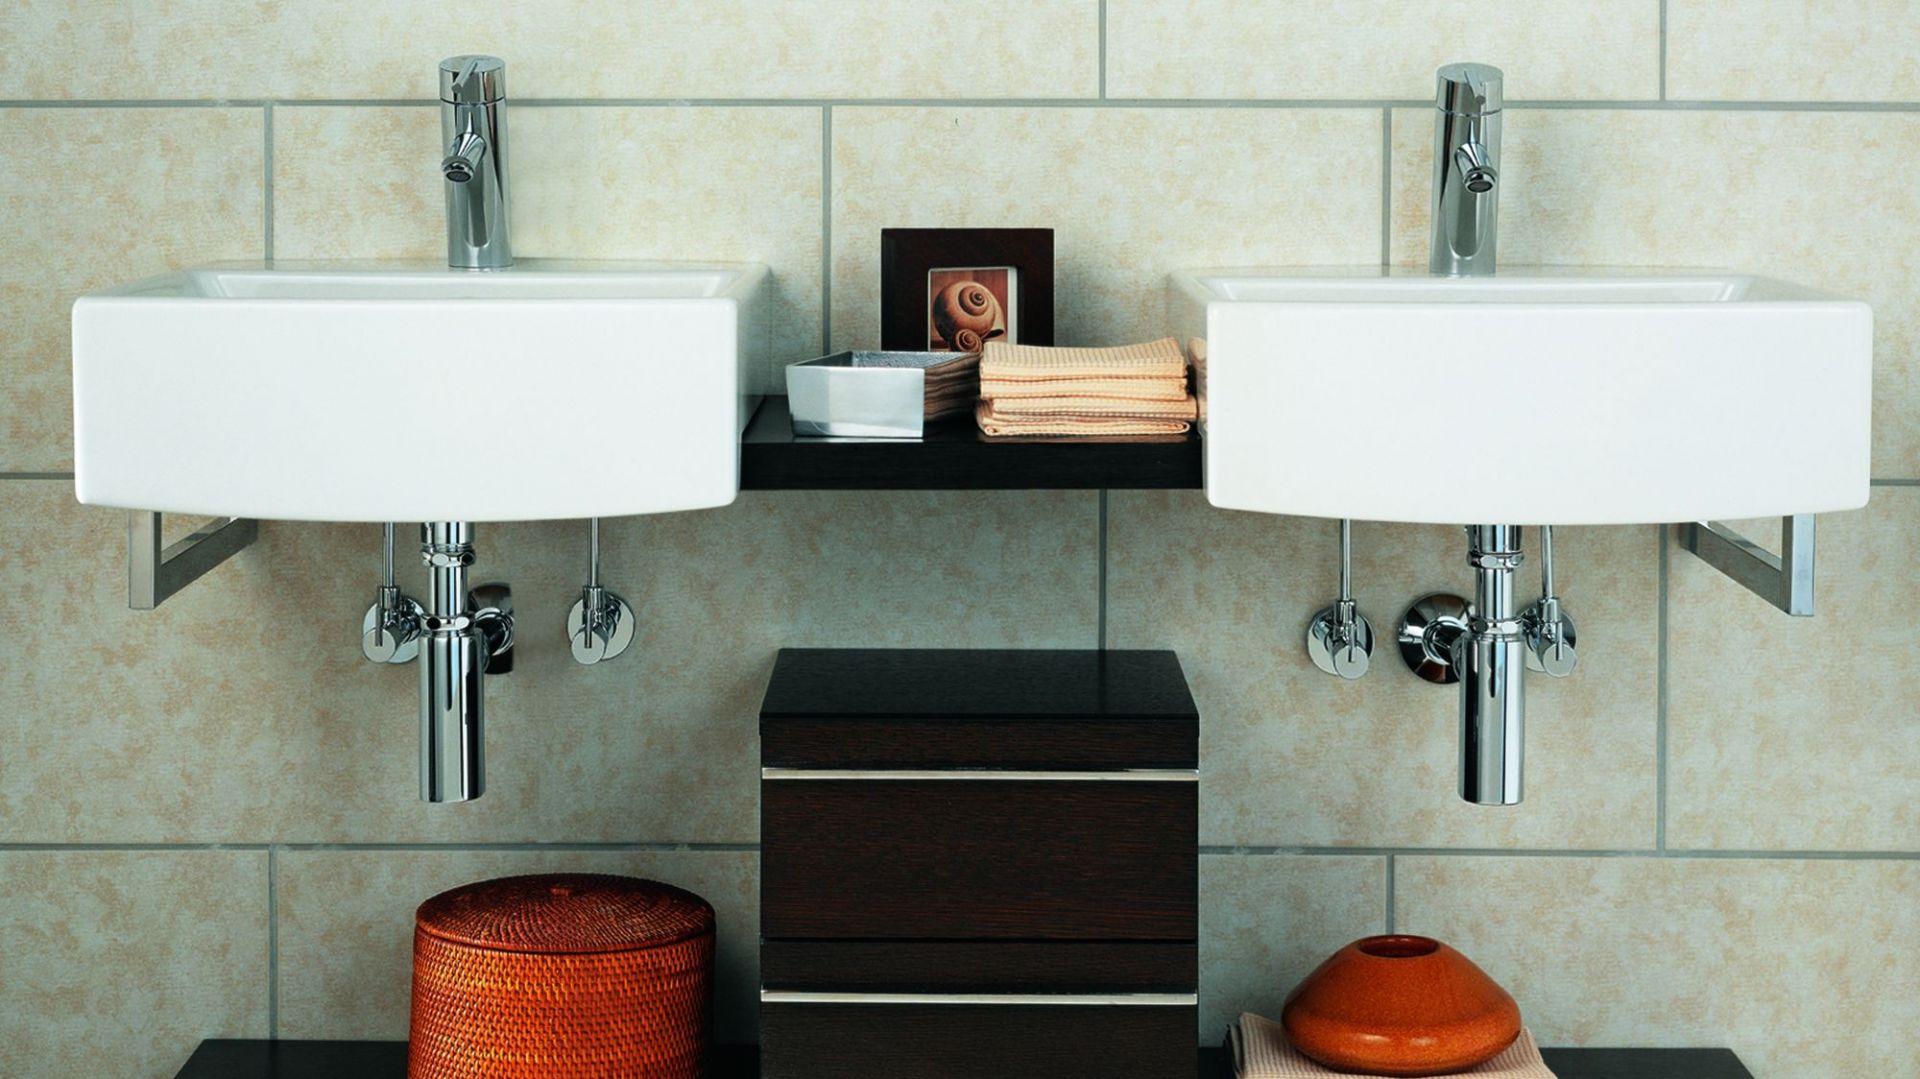 Łazienka dla dwojga - dwie umywalki. Fot. Schell